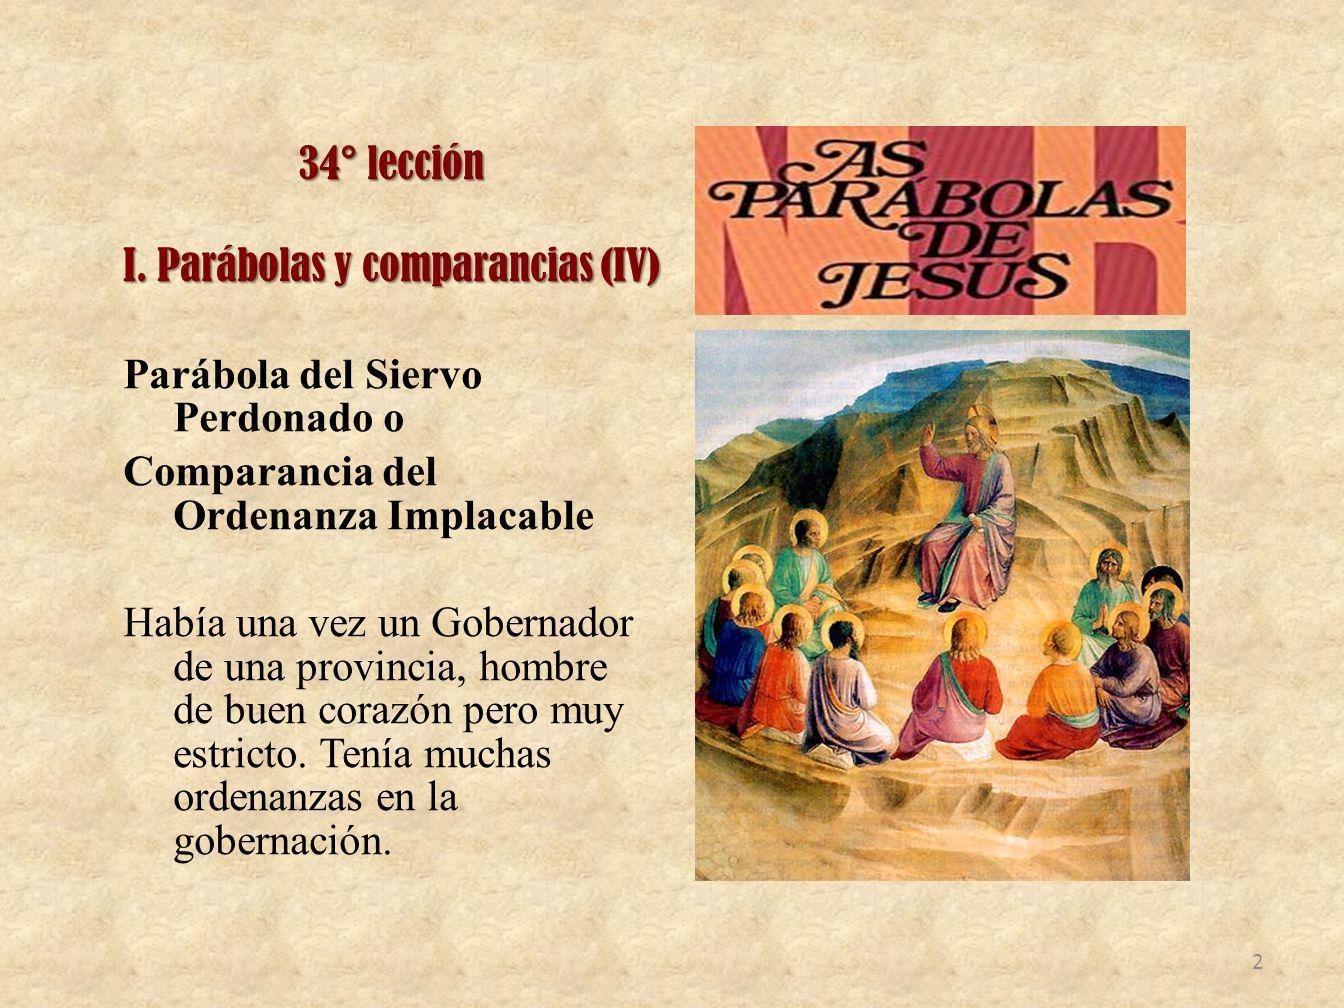 34° lección I. Parábolas y comparancias (IV) Parábola del Siervo Perdonado o Comparancia del Ordenanza Implacable Había una vez un Gobernador de una p